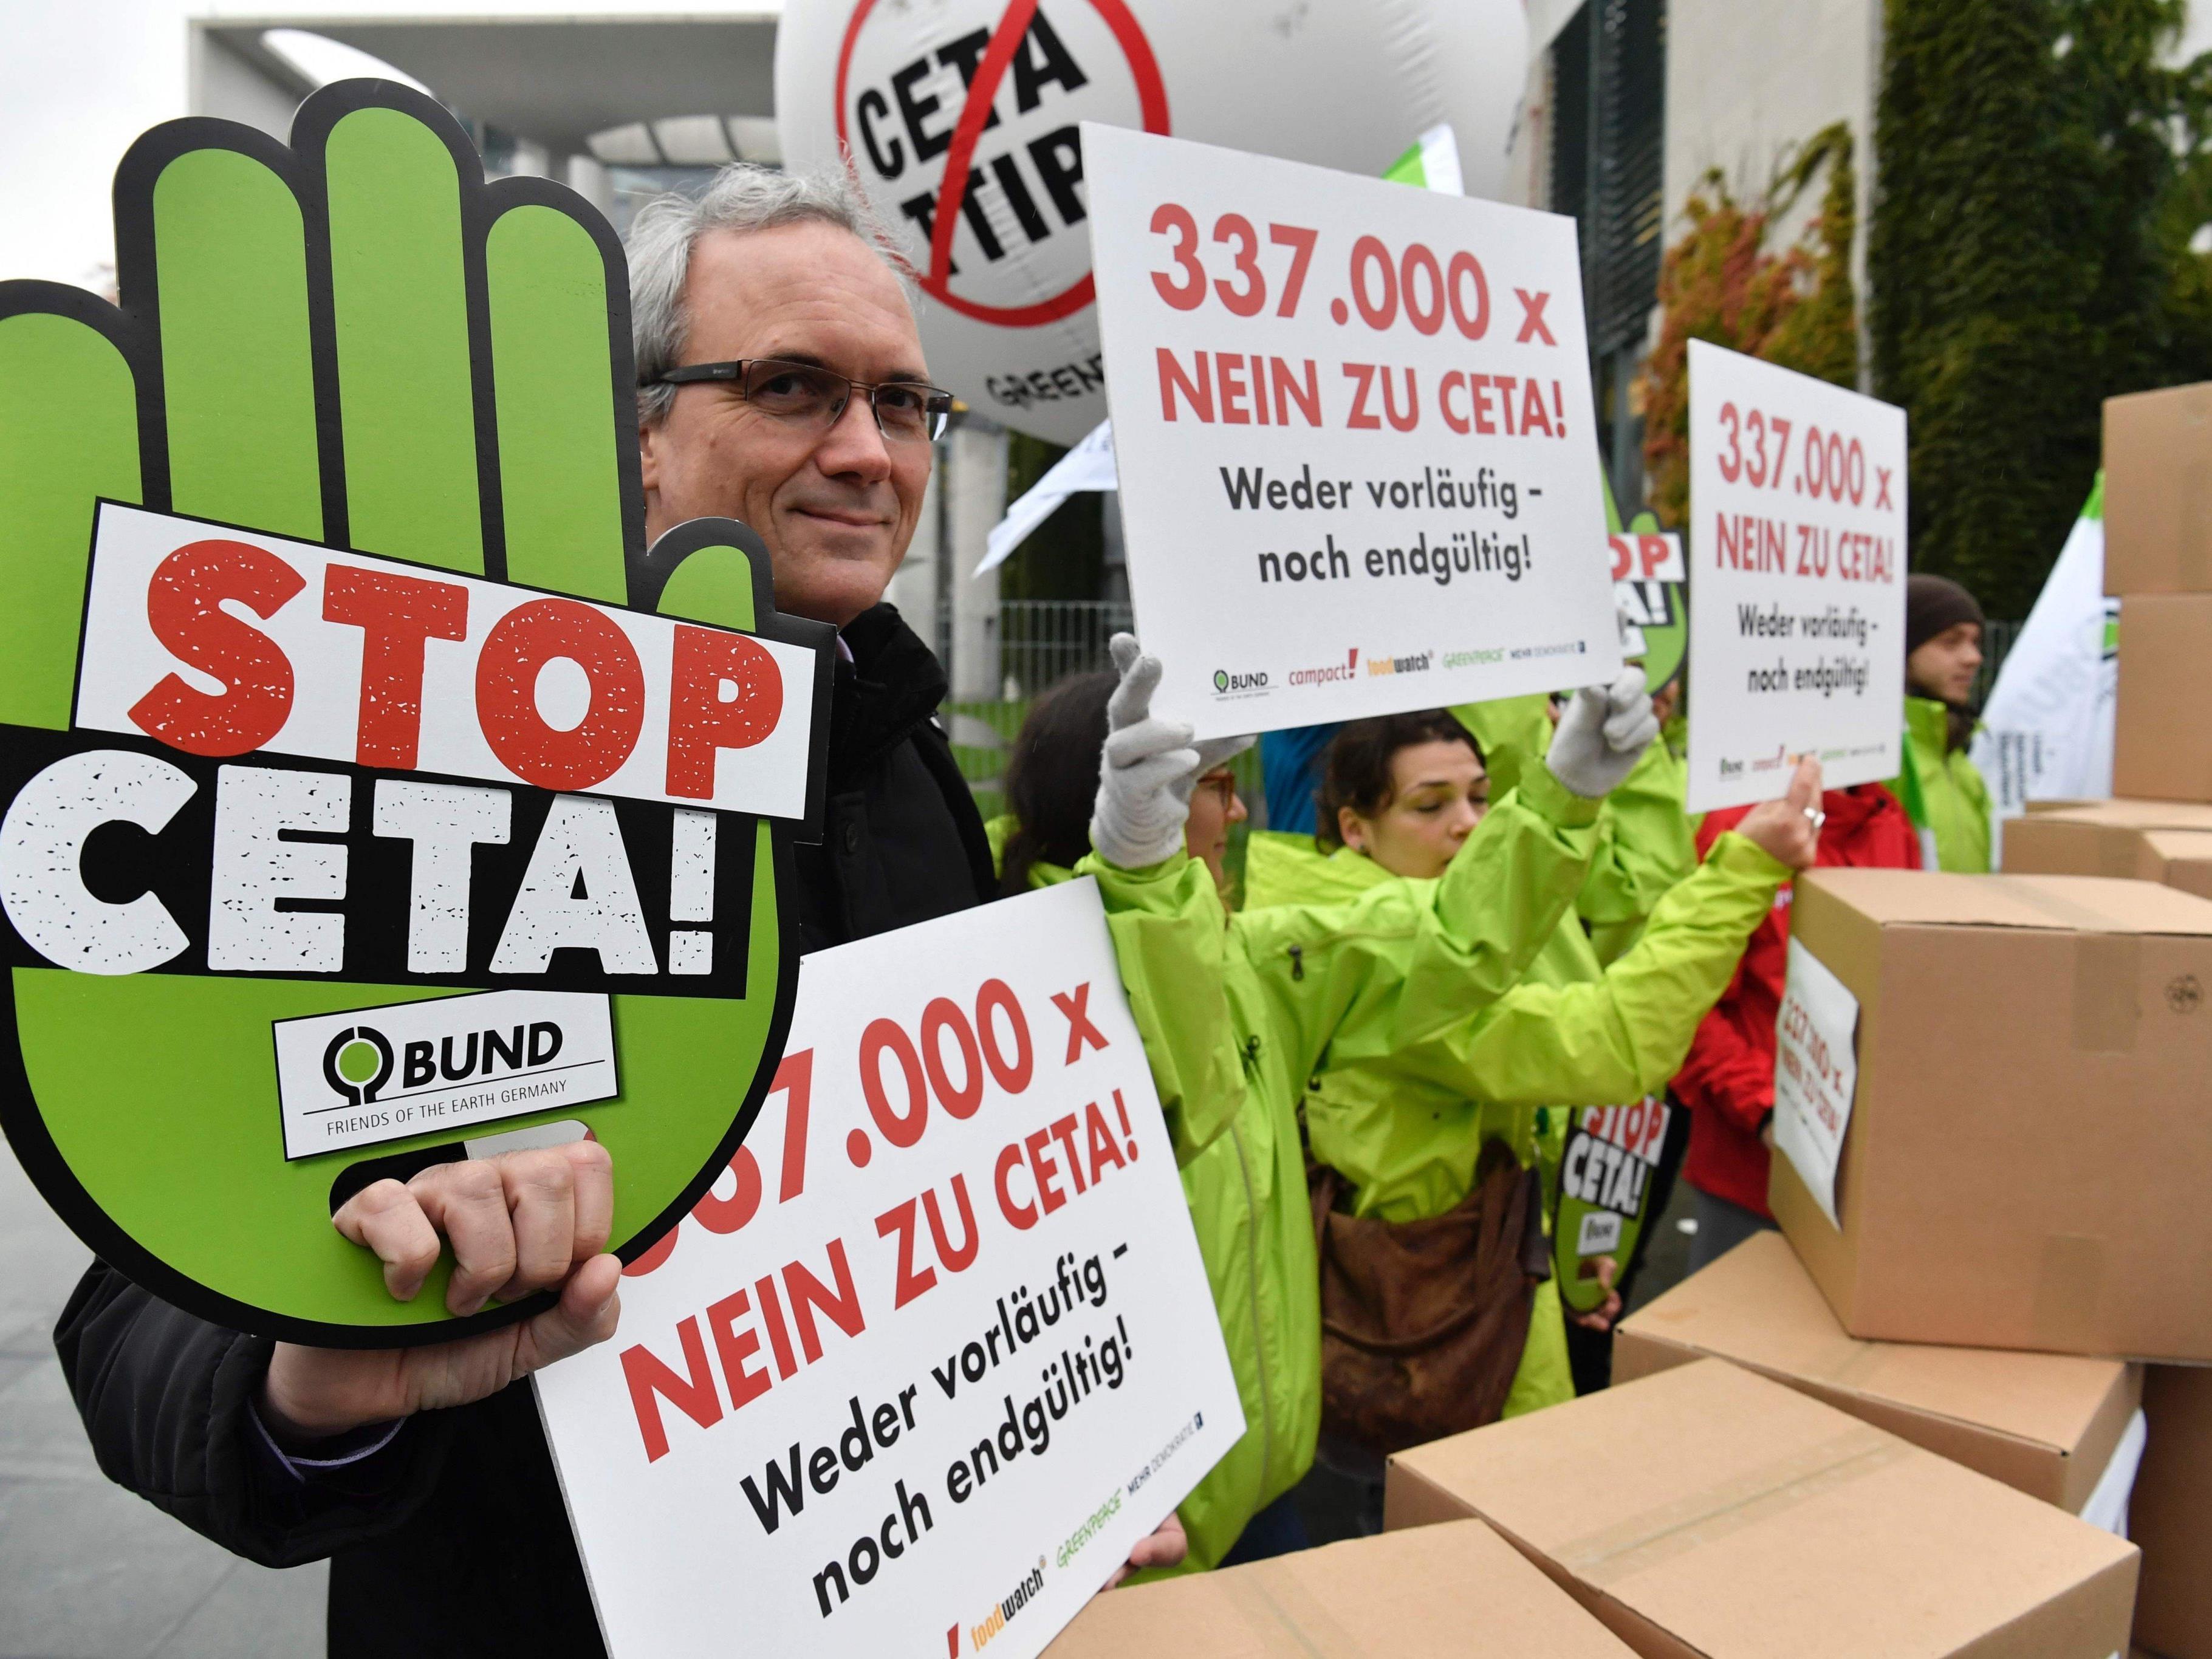 Ceta stößt in immer mehr EU-Ländern auf Widerstand.